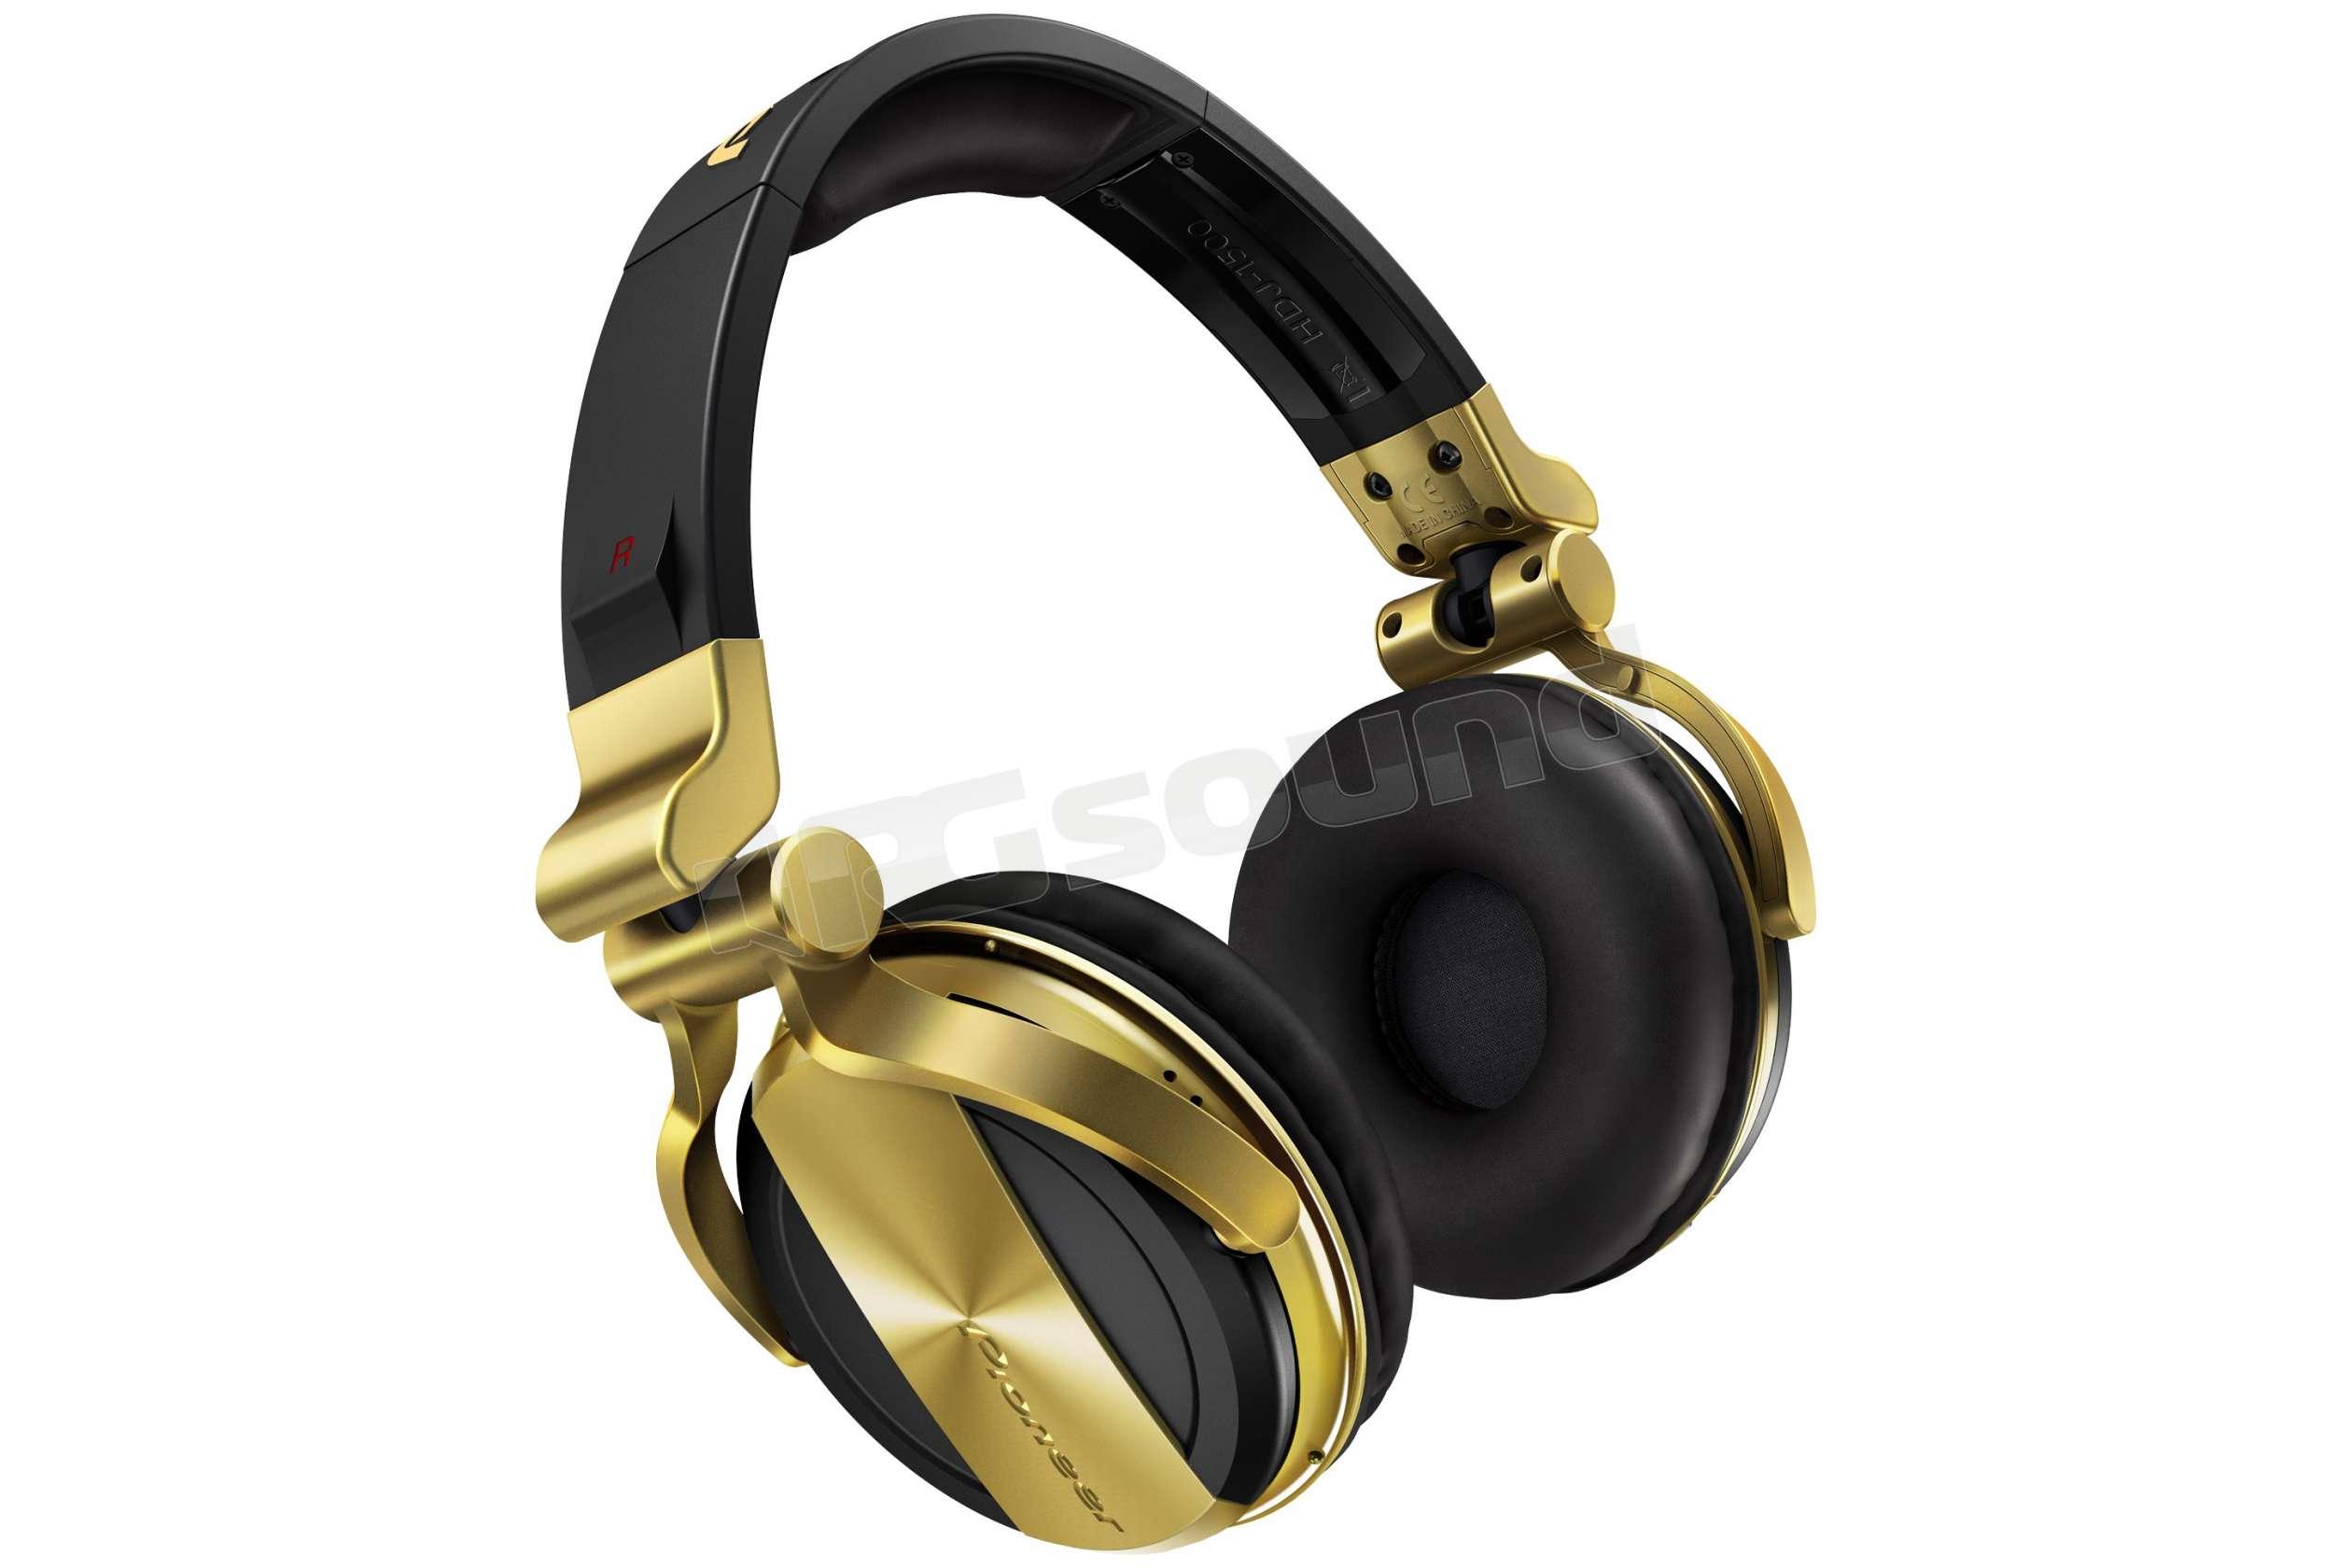 ... cuffie professionali per DJ - Colore nero e oro. Pioneer DJ HDJ-1500-N 4f9a8820e202